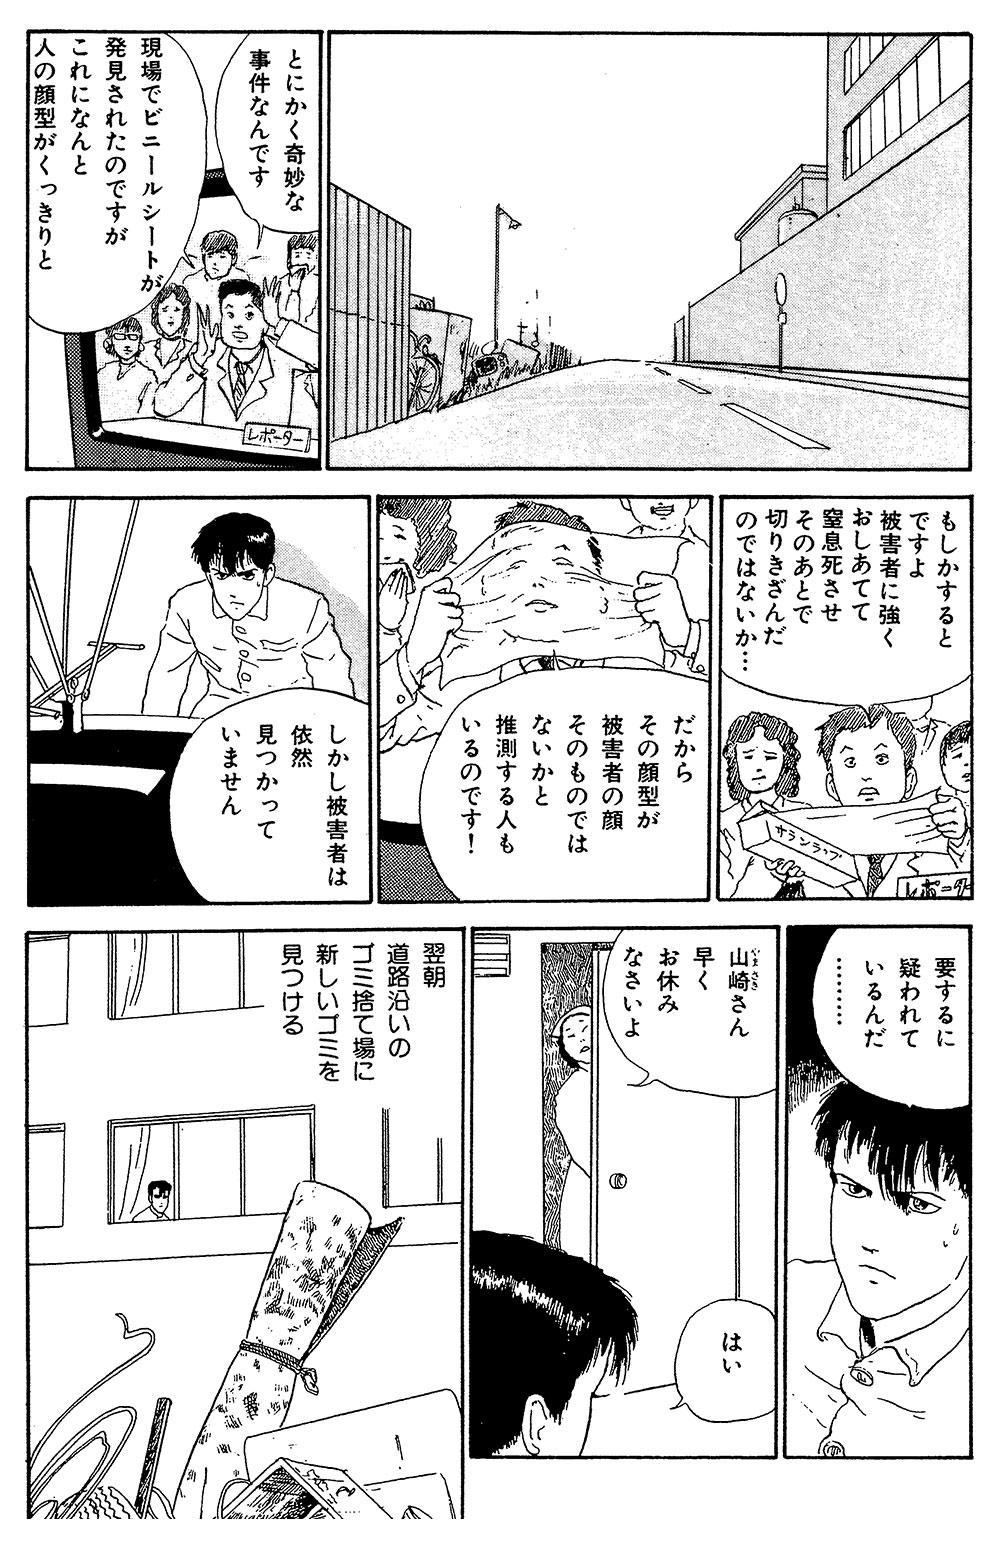 伊藤潤二傑作集 第5話「富江 接吻」⑤junji19-10.jpg